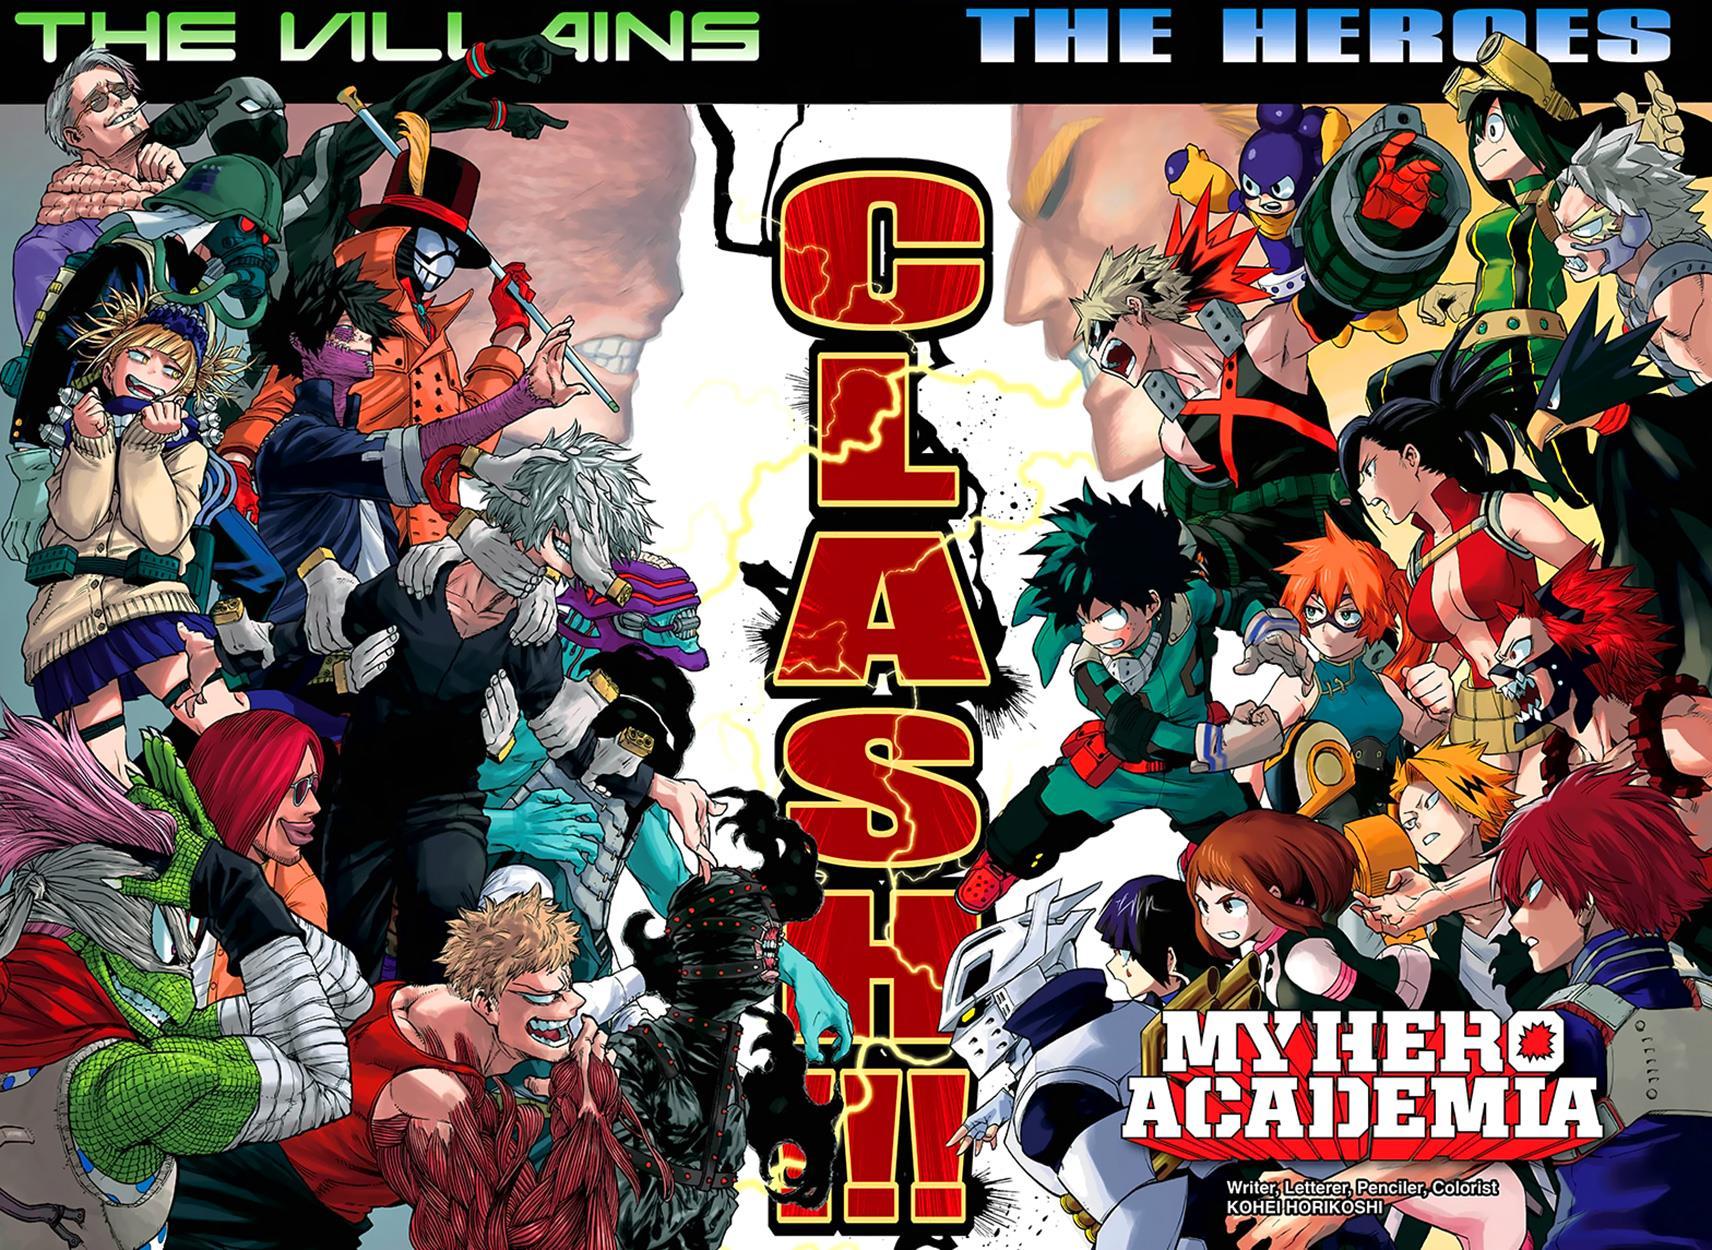 Boku no Hero Academia chapter 76 - colour spread